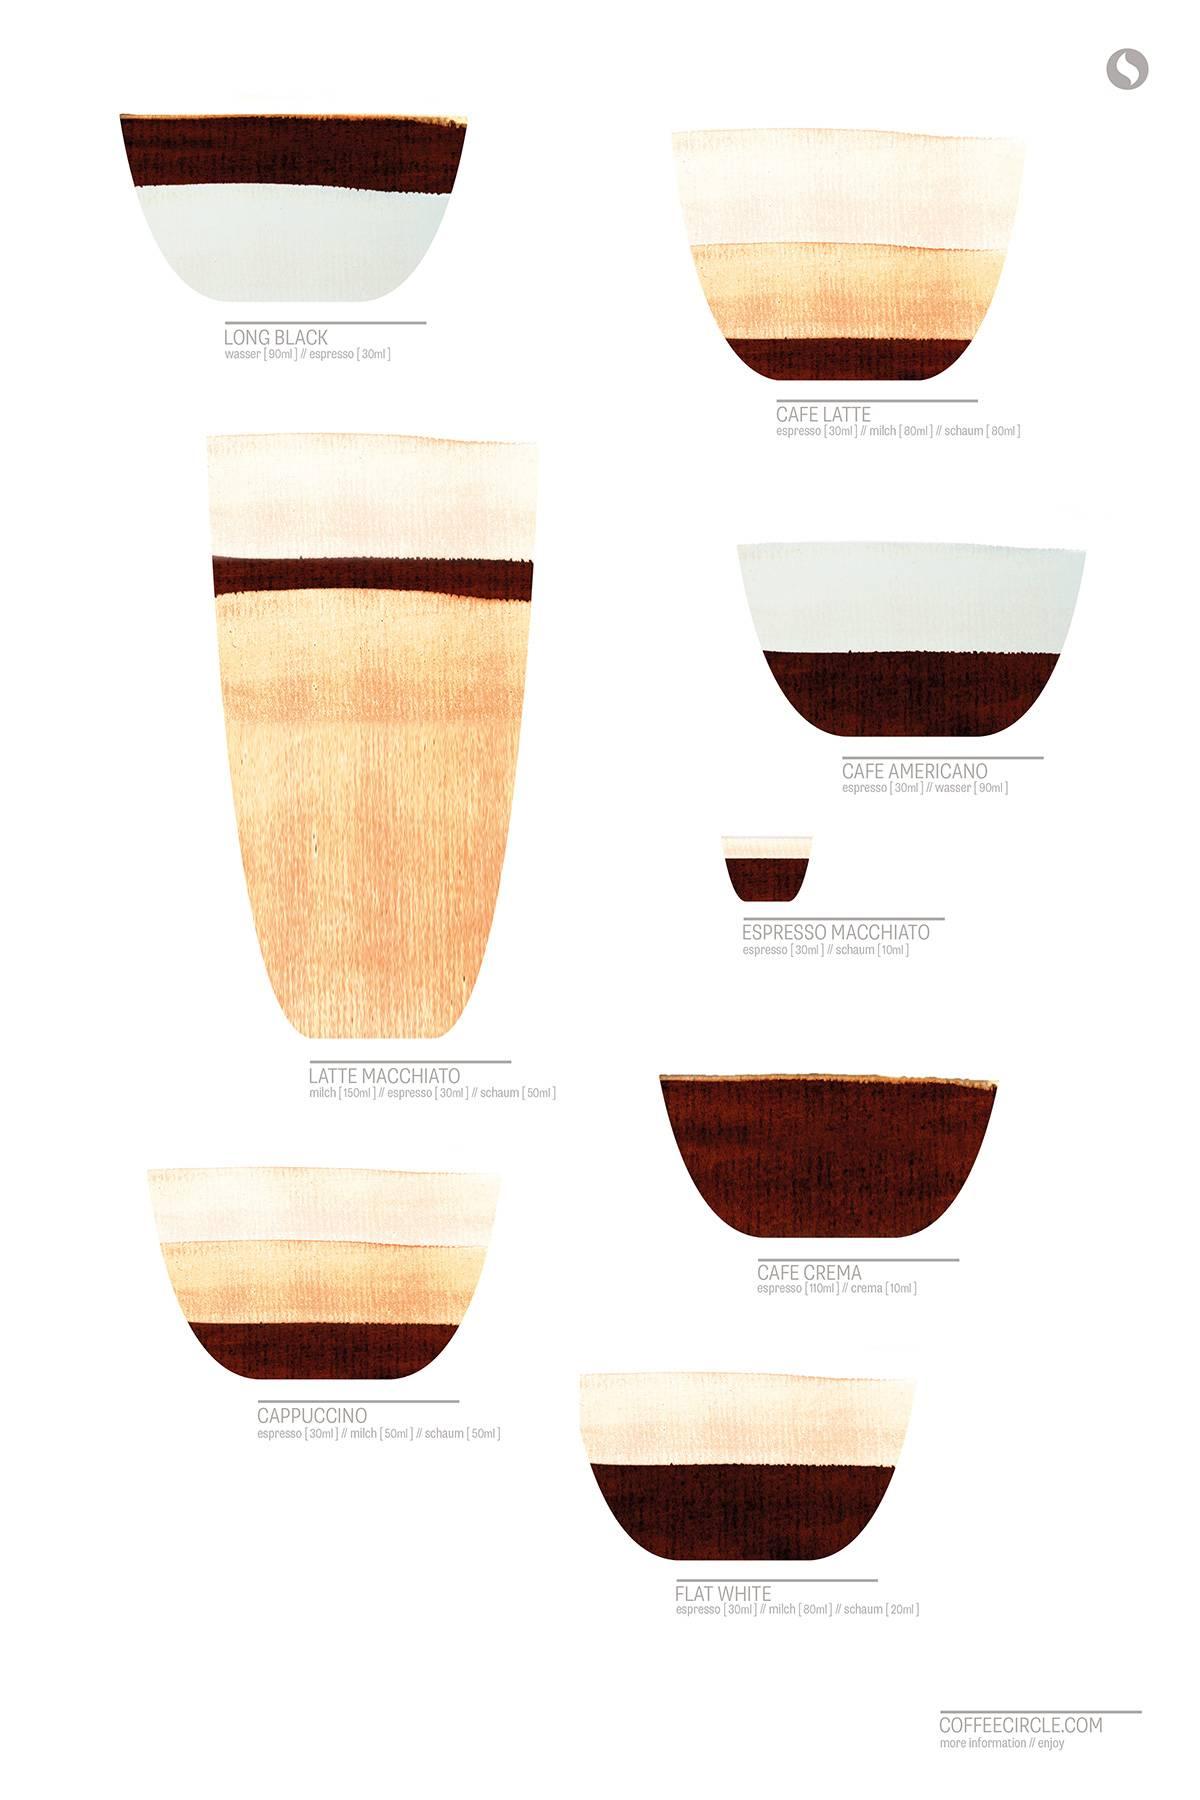 Кофе лунго: что это, рецепт, отличие от других видов кофе